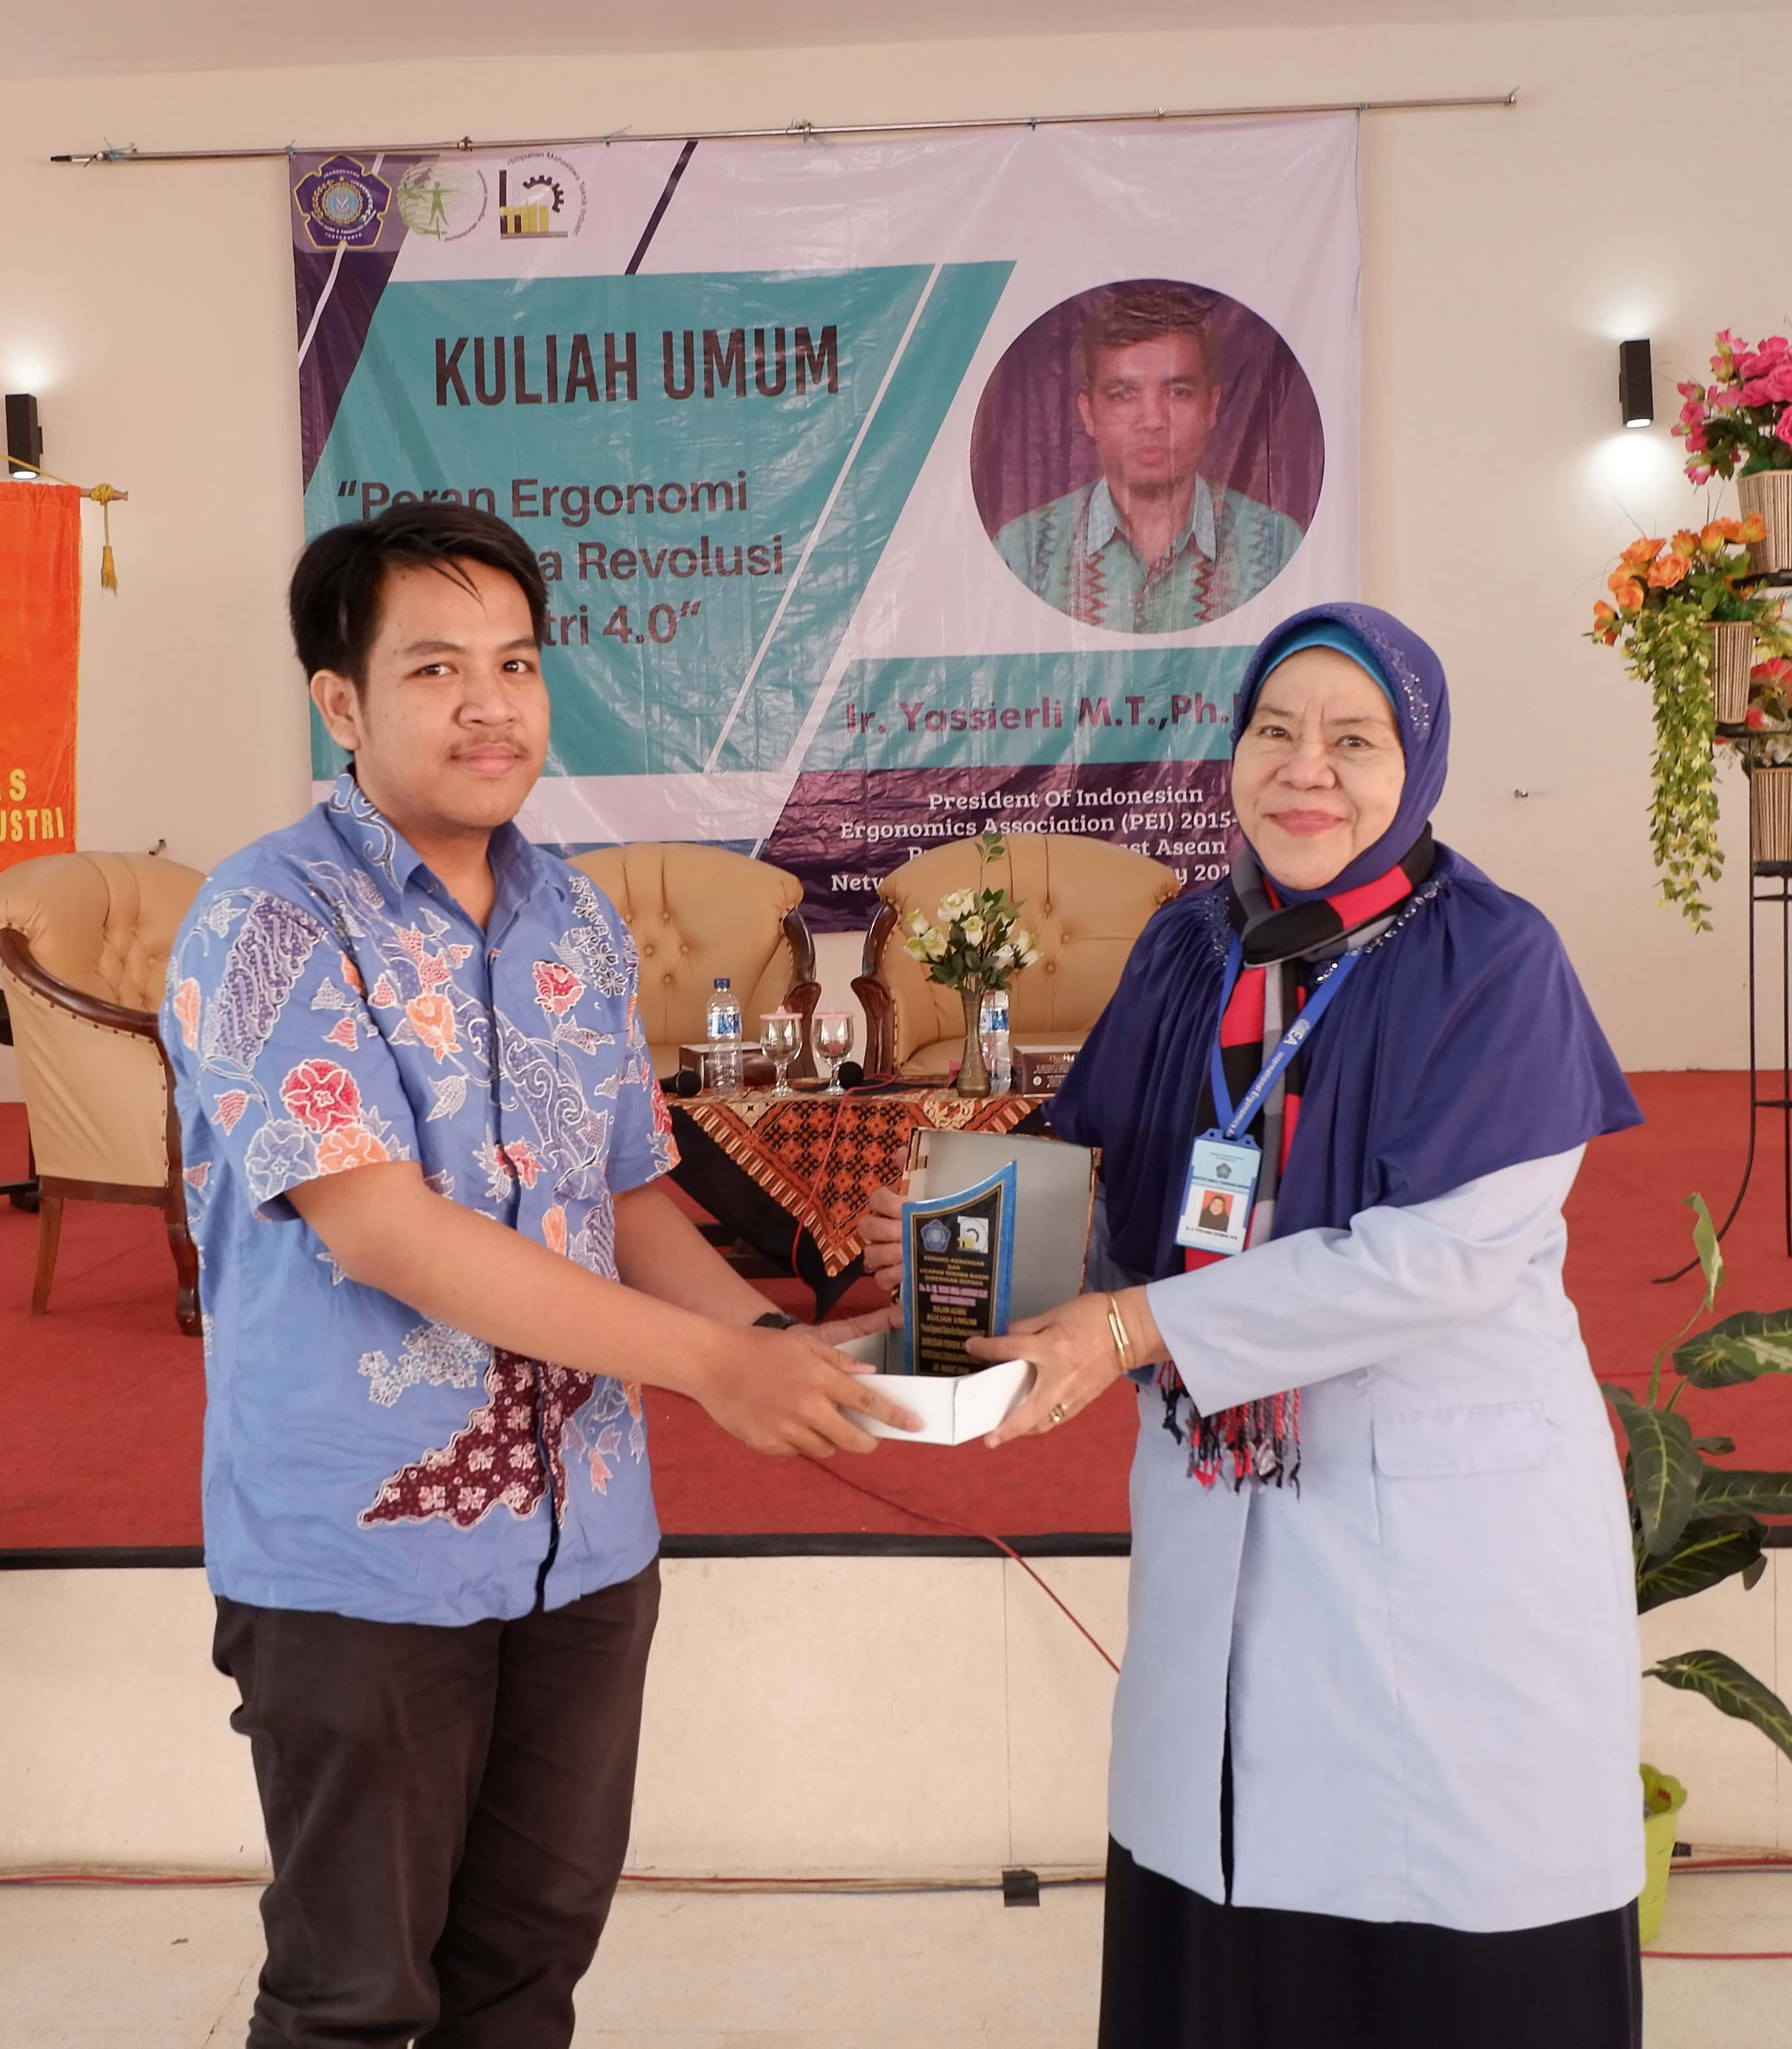 Penyerahan Plakat kepada Moderator Ibu Dr. Ir. Hj. Titin Isna Oesman MM oleh Ketua Panitia Kuliah Umum Tahun 2018 (26/03/2018)